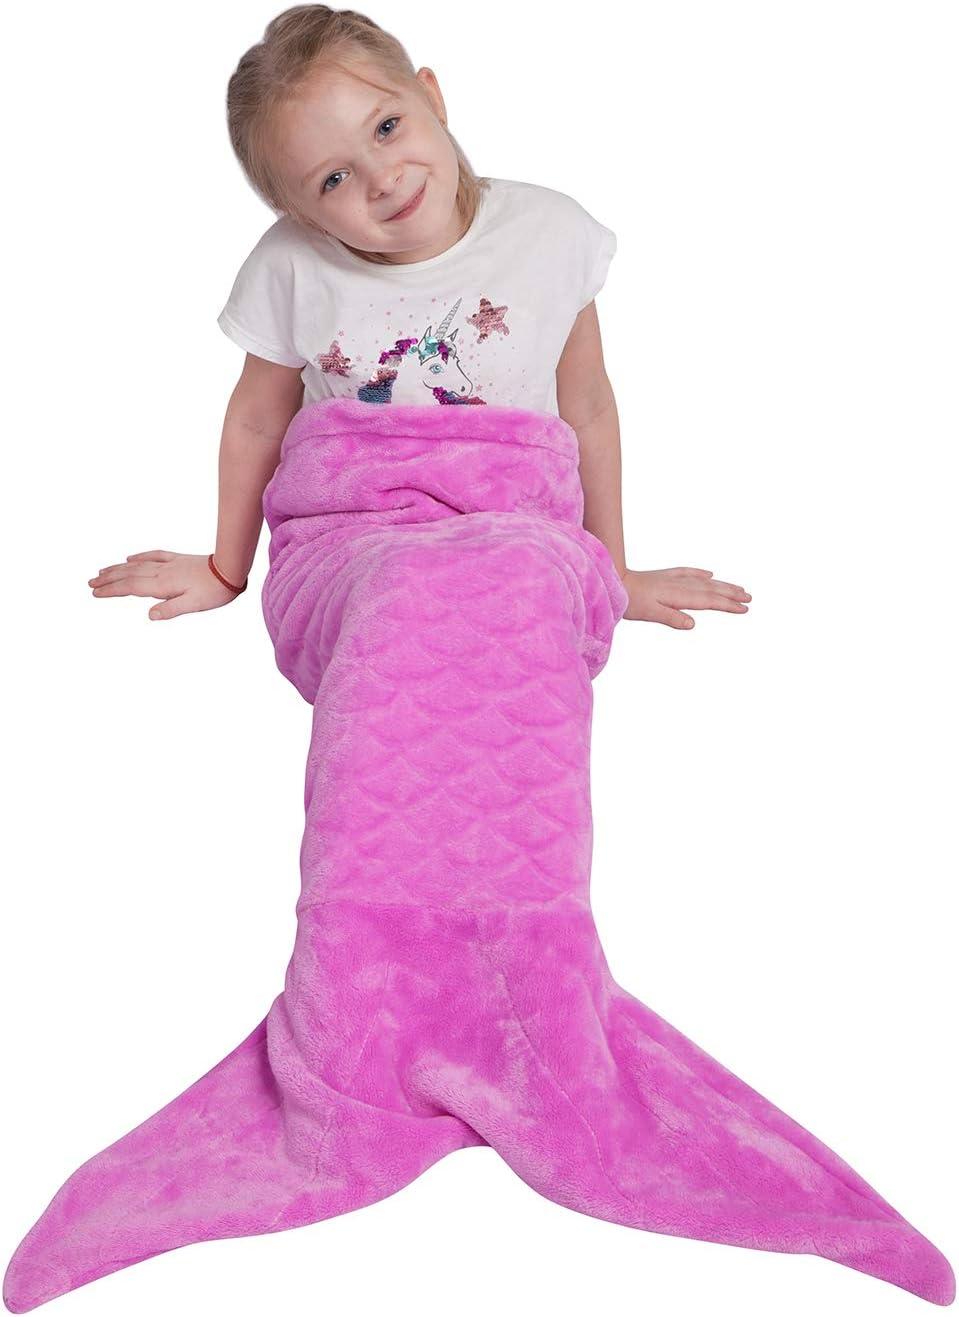 Viviland Coperta per Sirena per Bambini Sacco a Pelo per Sirena in Flanella Arcobaleno Super Morbido 43x100cm Regali di Compleanno Regali di Natale per Ragazze